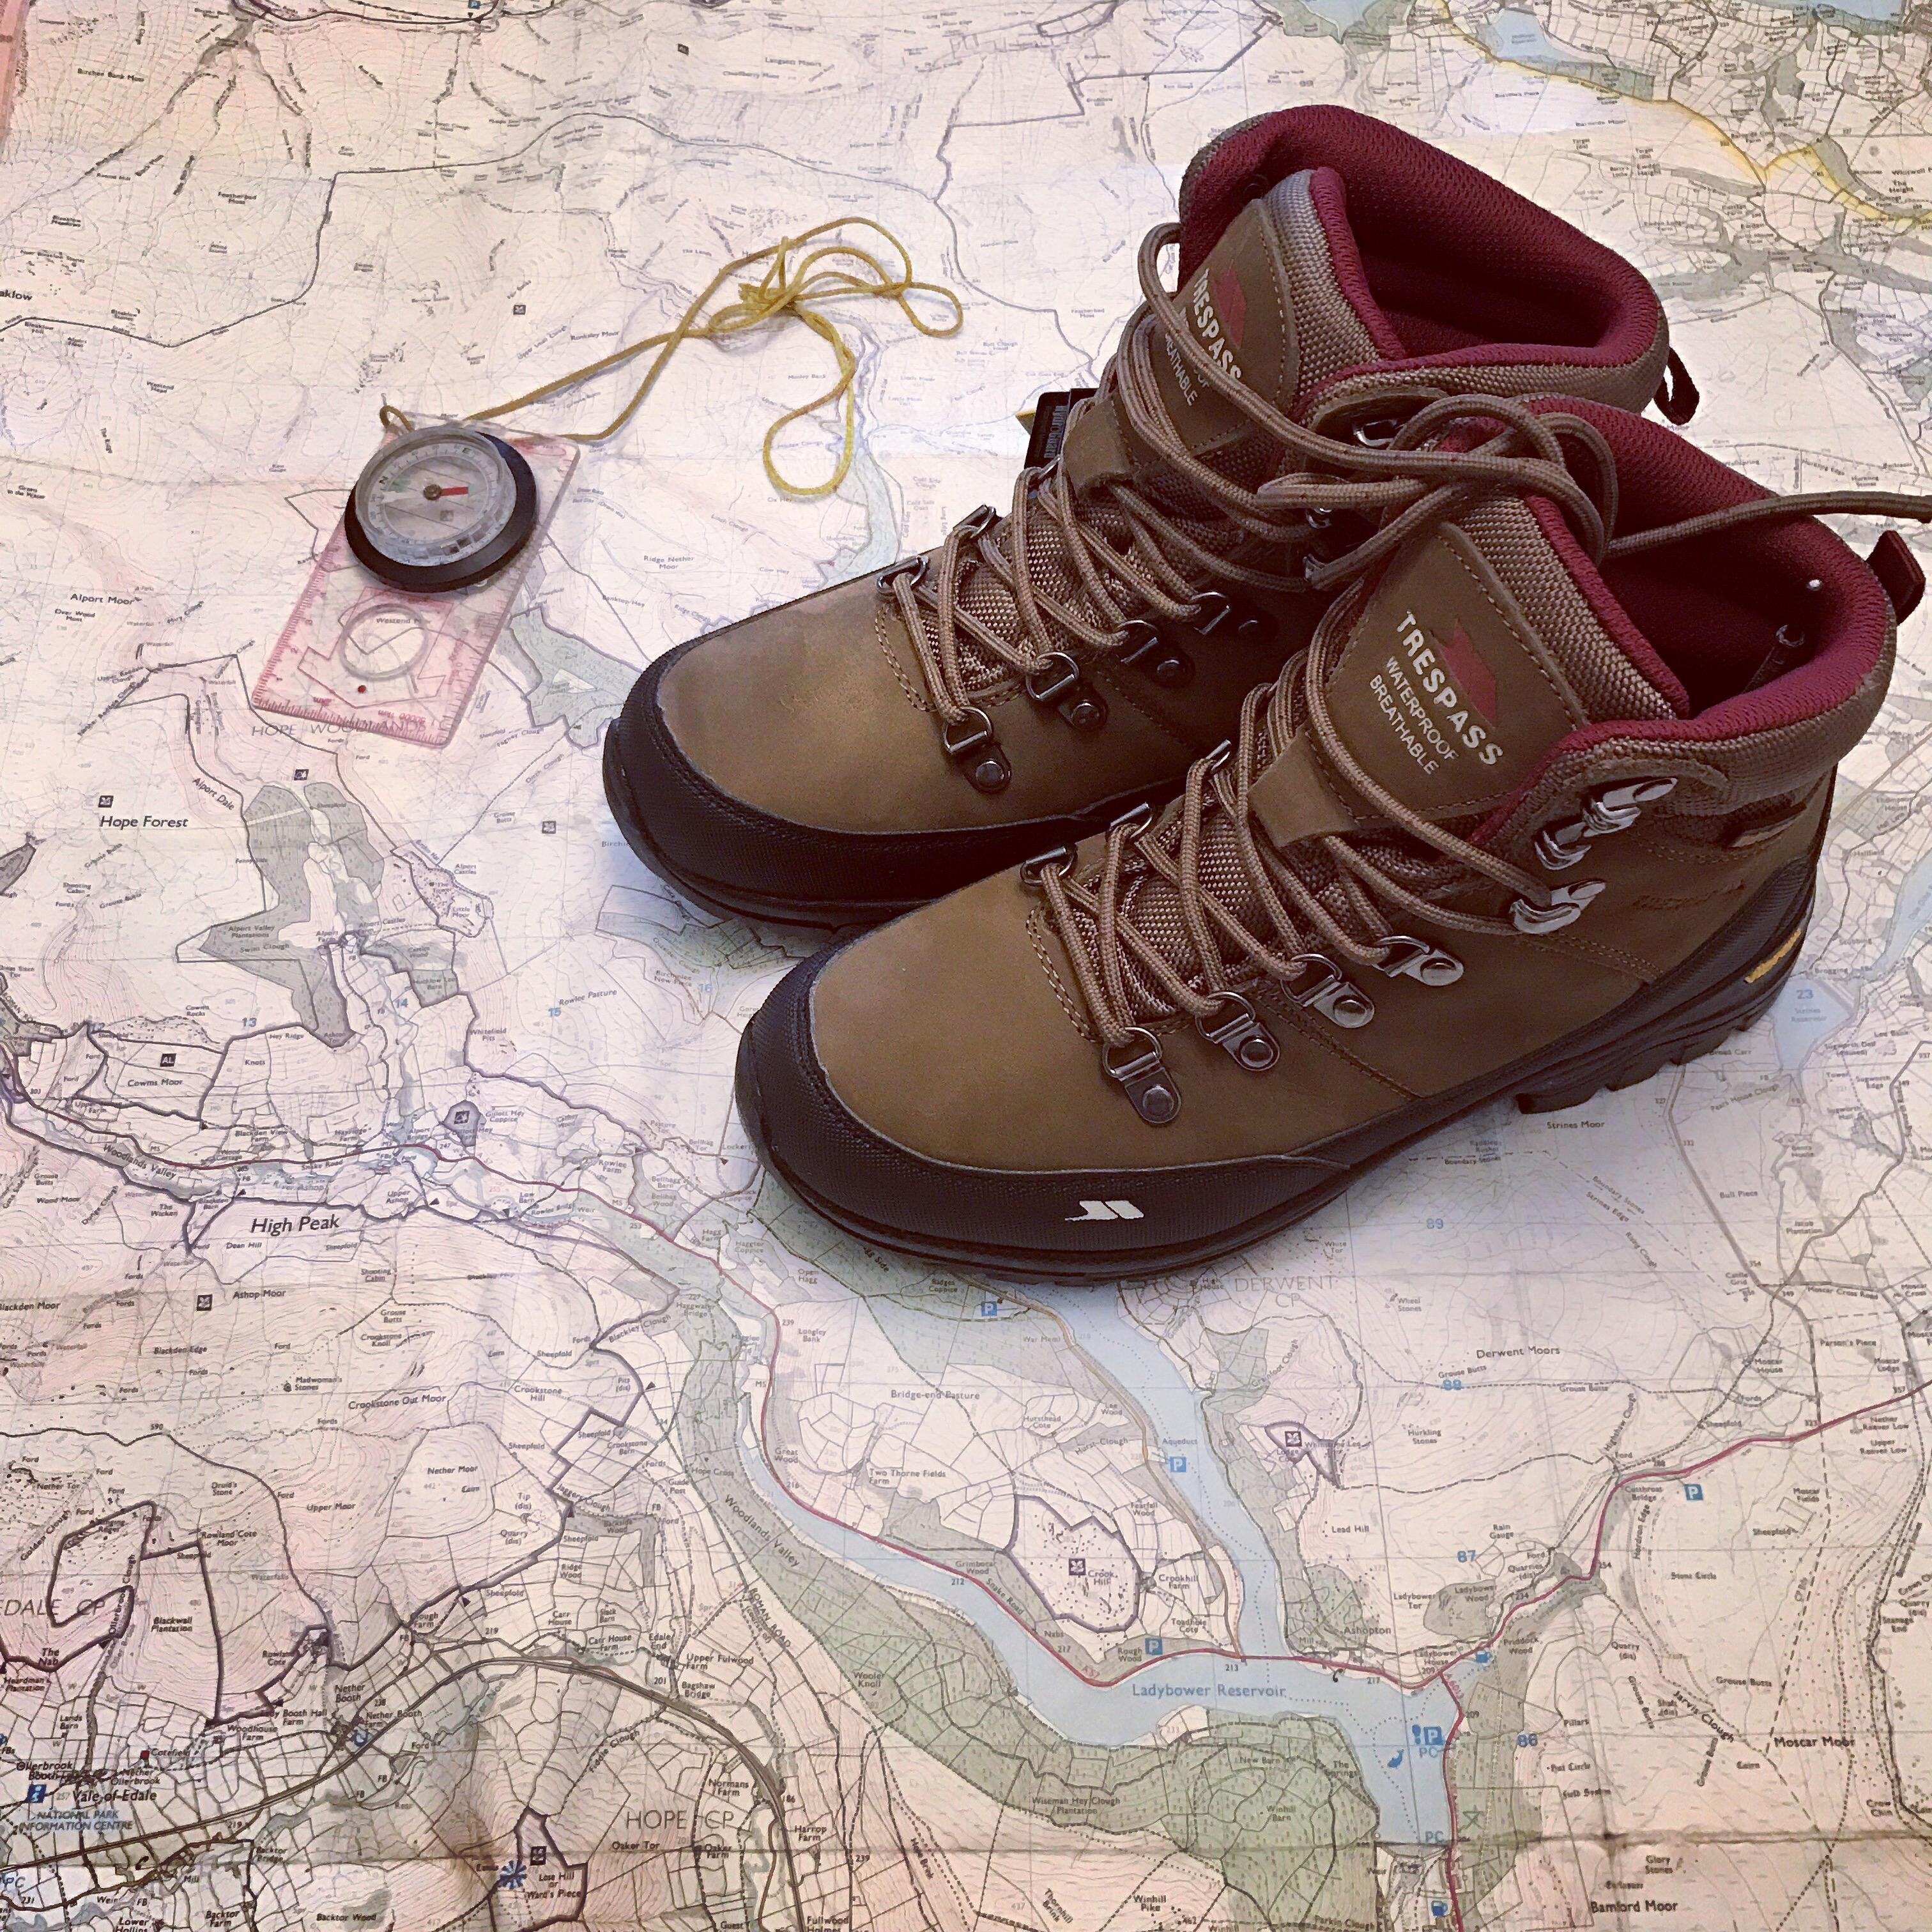 Trespass Women's Walking Boots Review